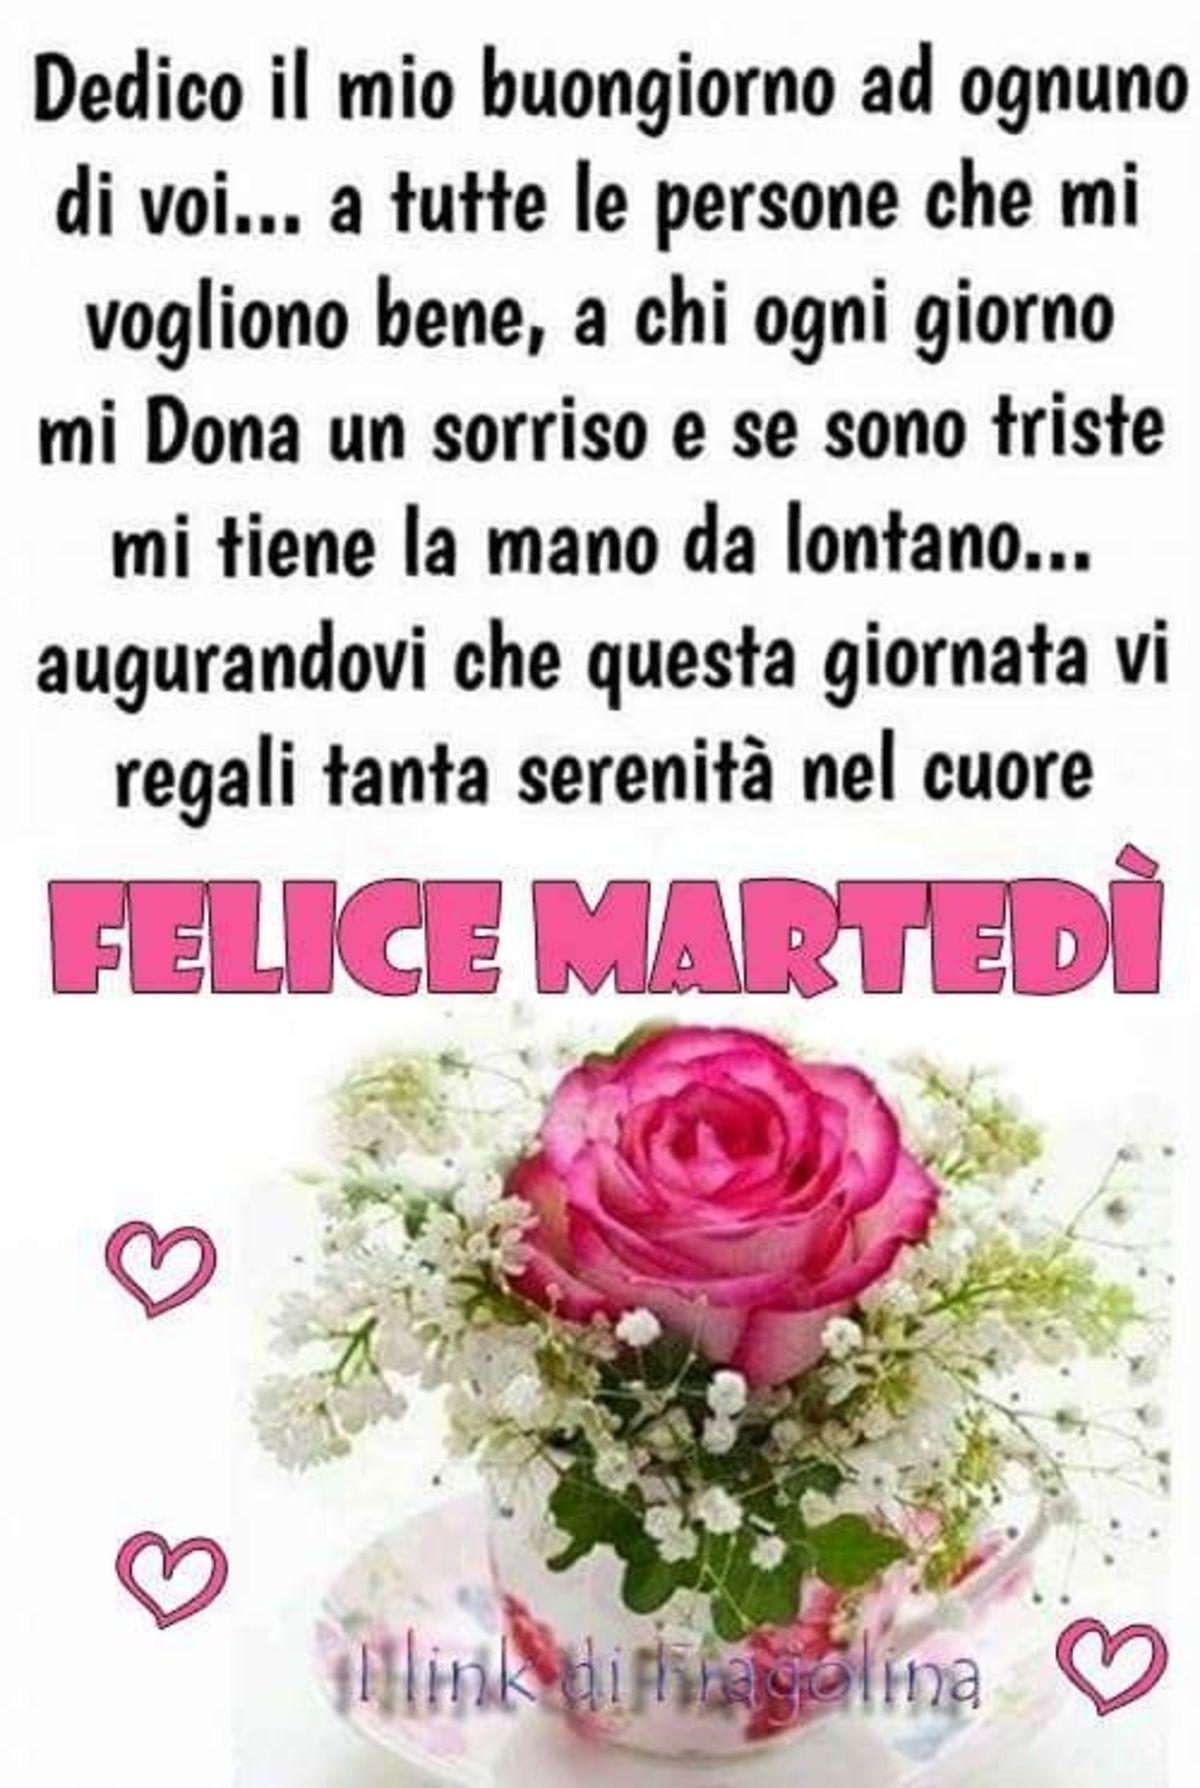 Buongiorno Buon Martedi Frasi Buongiornissimocaffe It